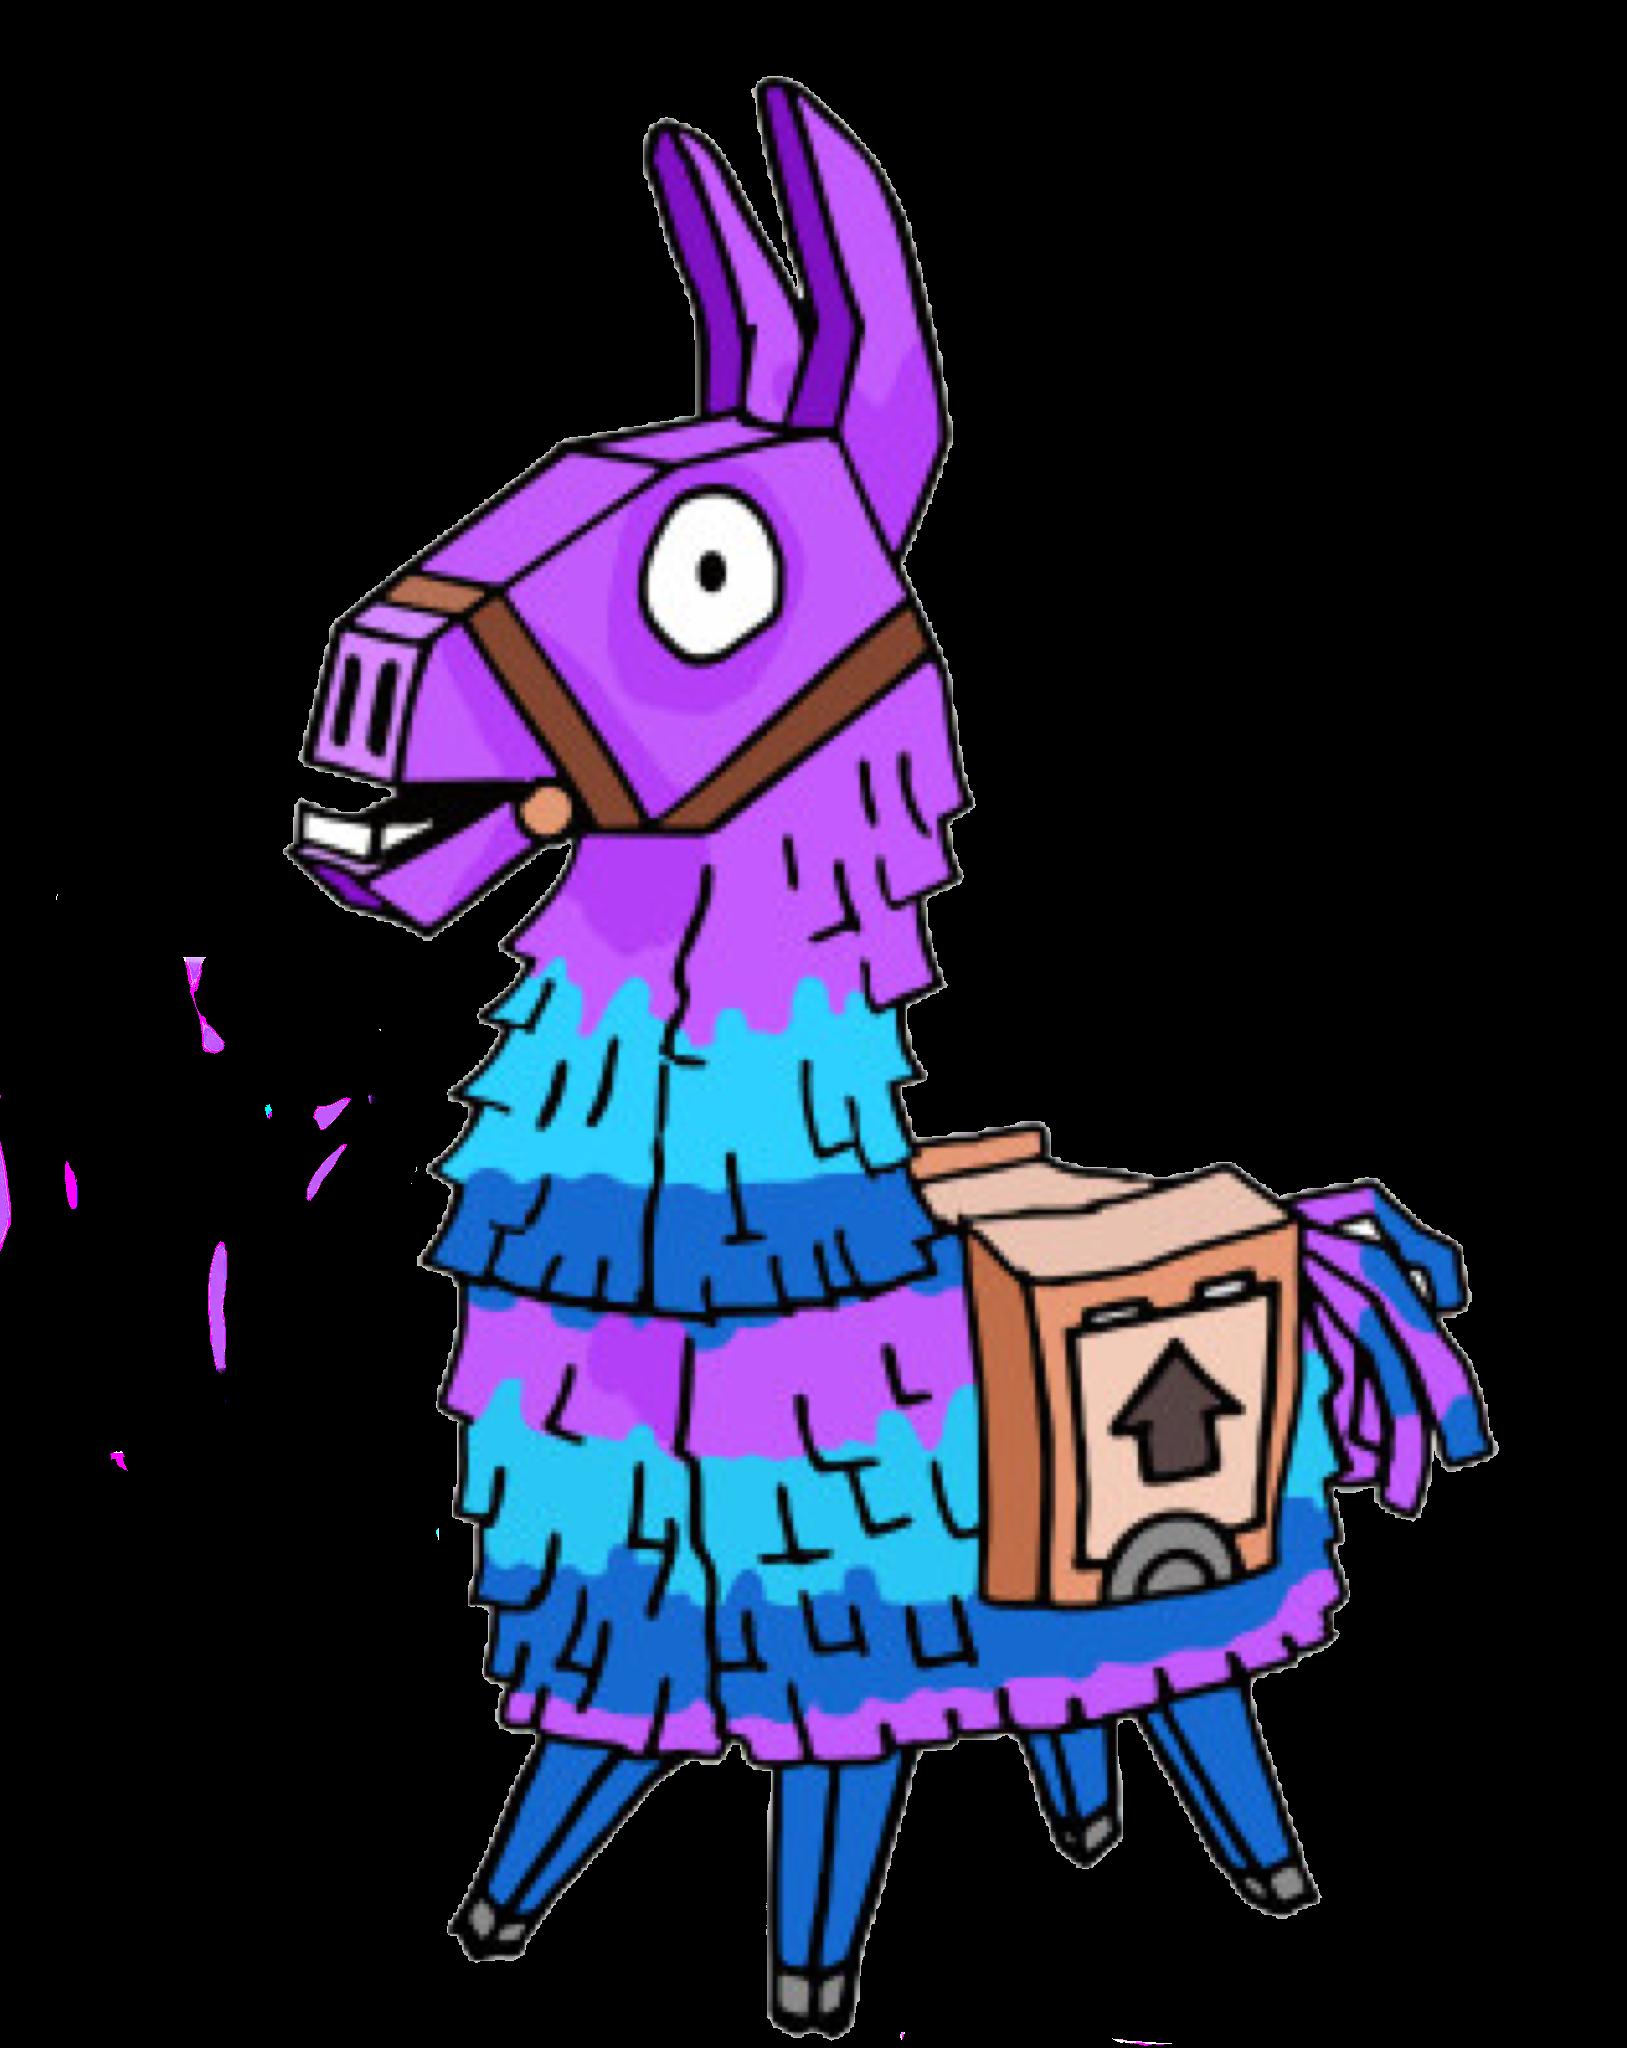 Loot llama from fortnite llama loot lootllama fornit - Lama pictures fortnite ...